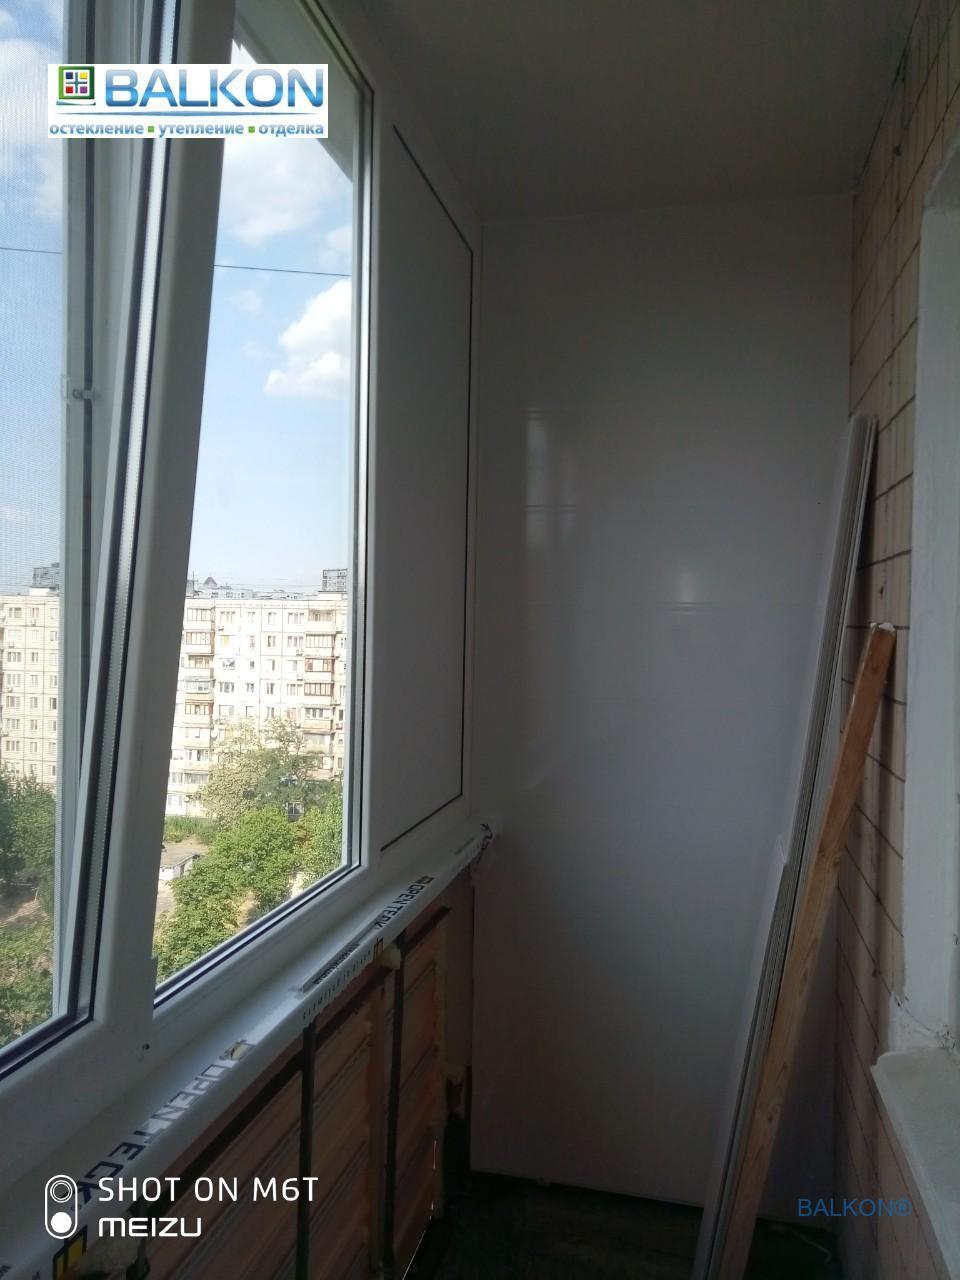 Остекление балкона Киев ул. Малиновского 3 ☞ Застеклить Балкон